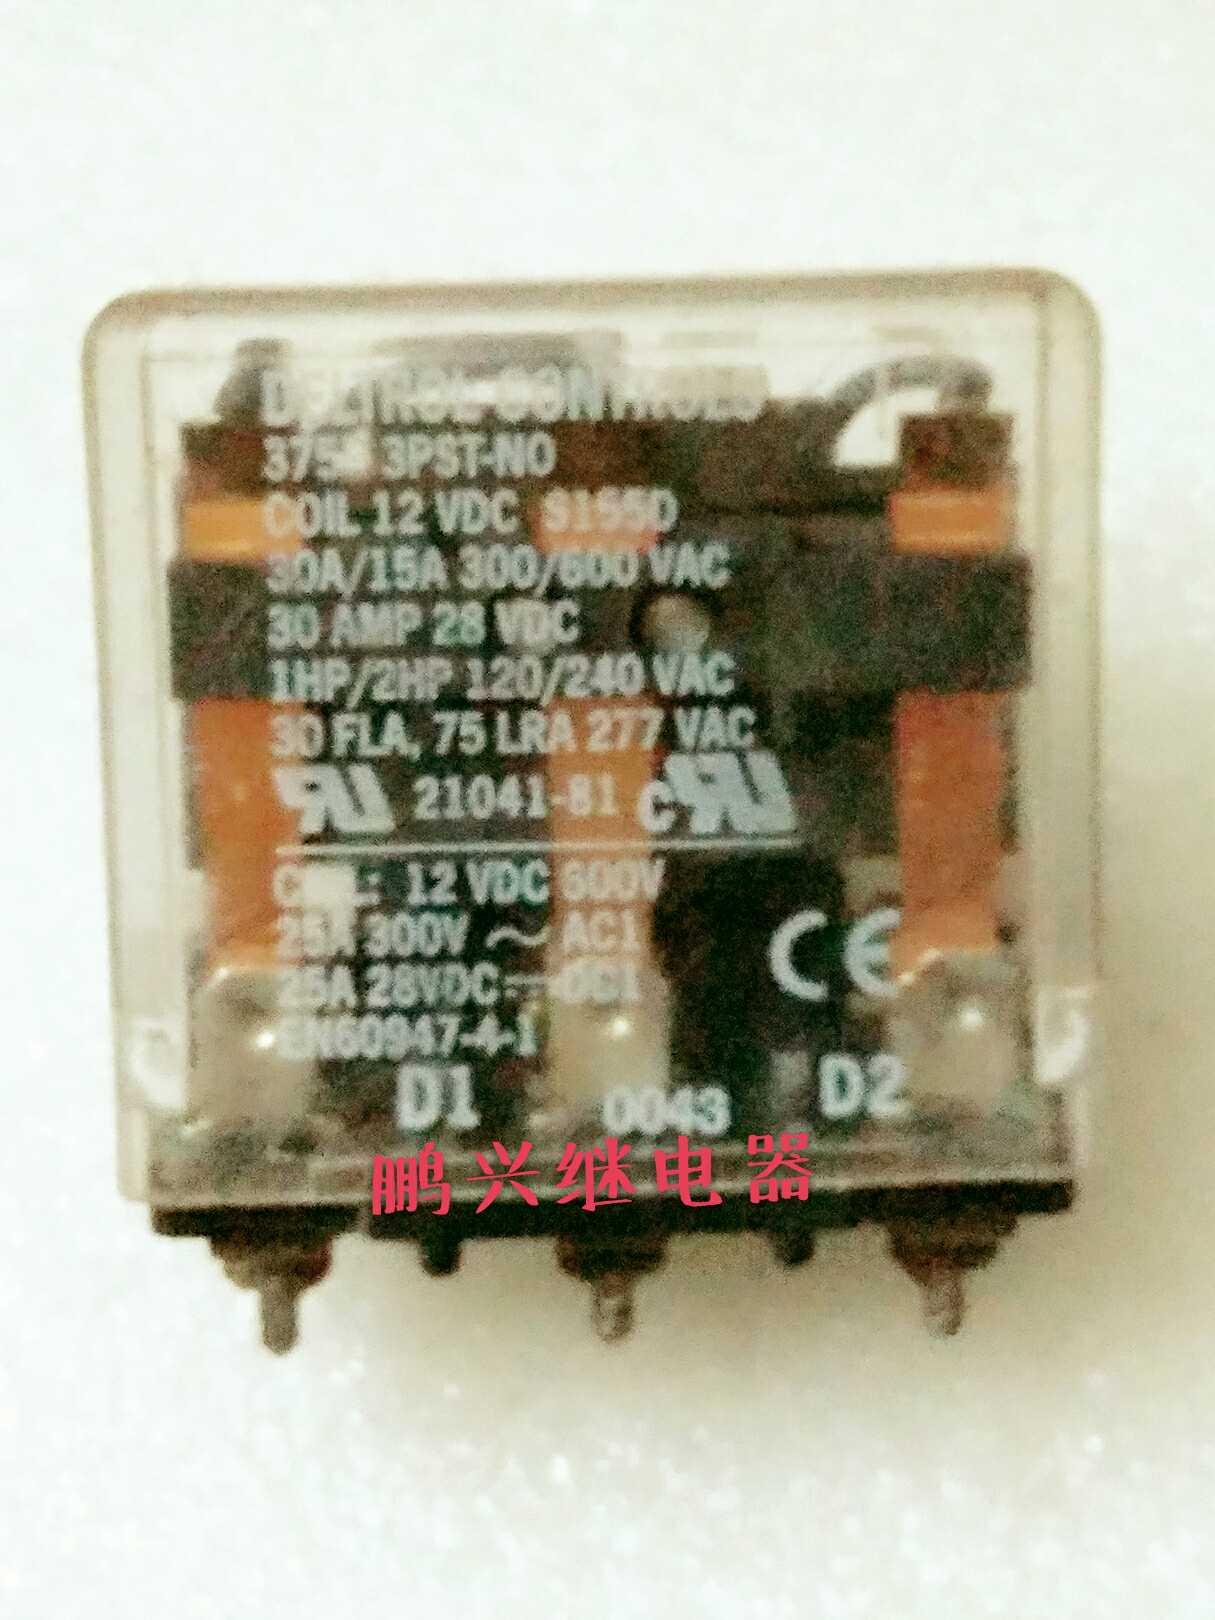 Frete Grátis 10 pçs/lote deltrol controla 375P 3PST-Não 12VDC21041-81 Relé Elétrico